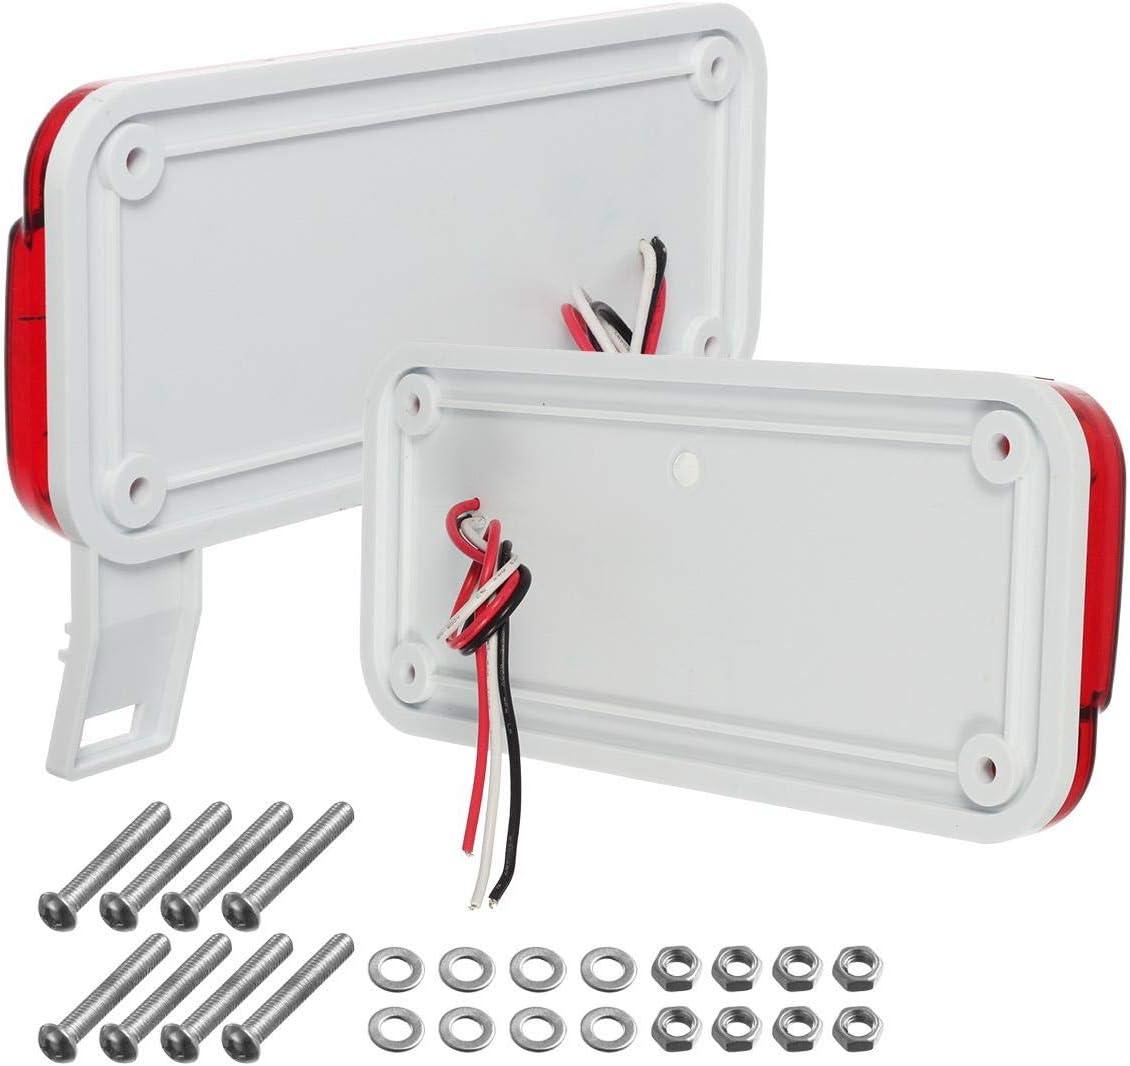 Black Base Partsam Red LED RV Camper Trailer Stop Turn Brake Tail Lights//License Plate Light Holder Bracket Surface Mount Led Low Profile Combination RV Tail Lights Clear Lens